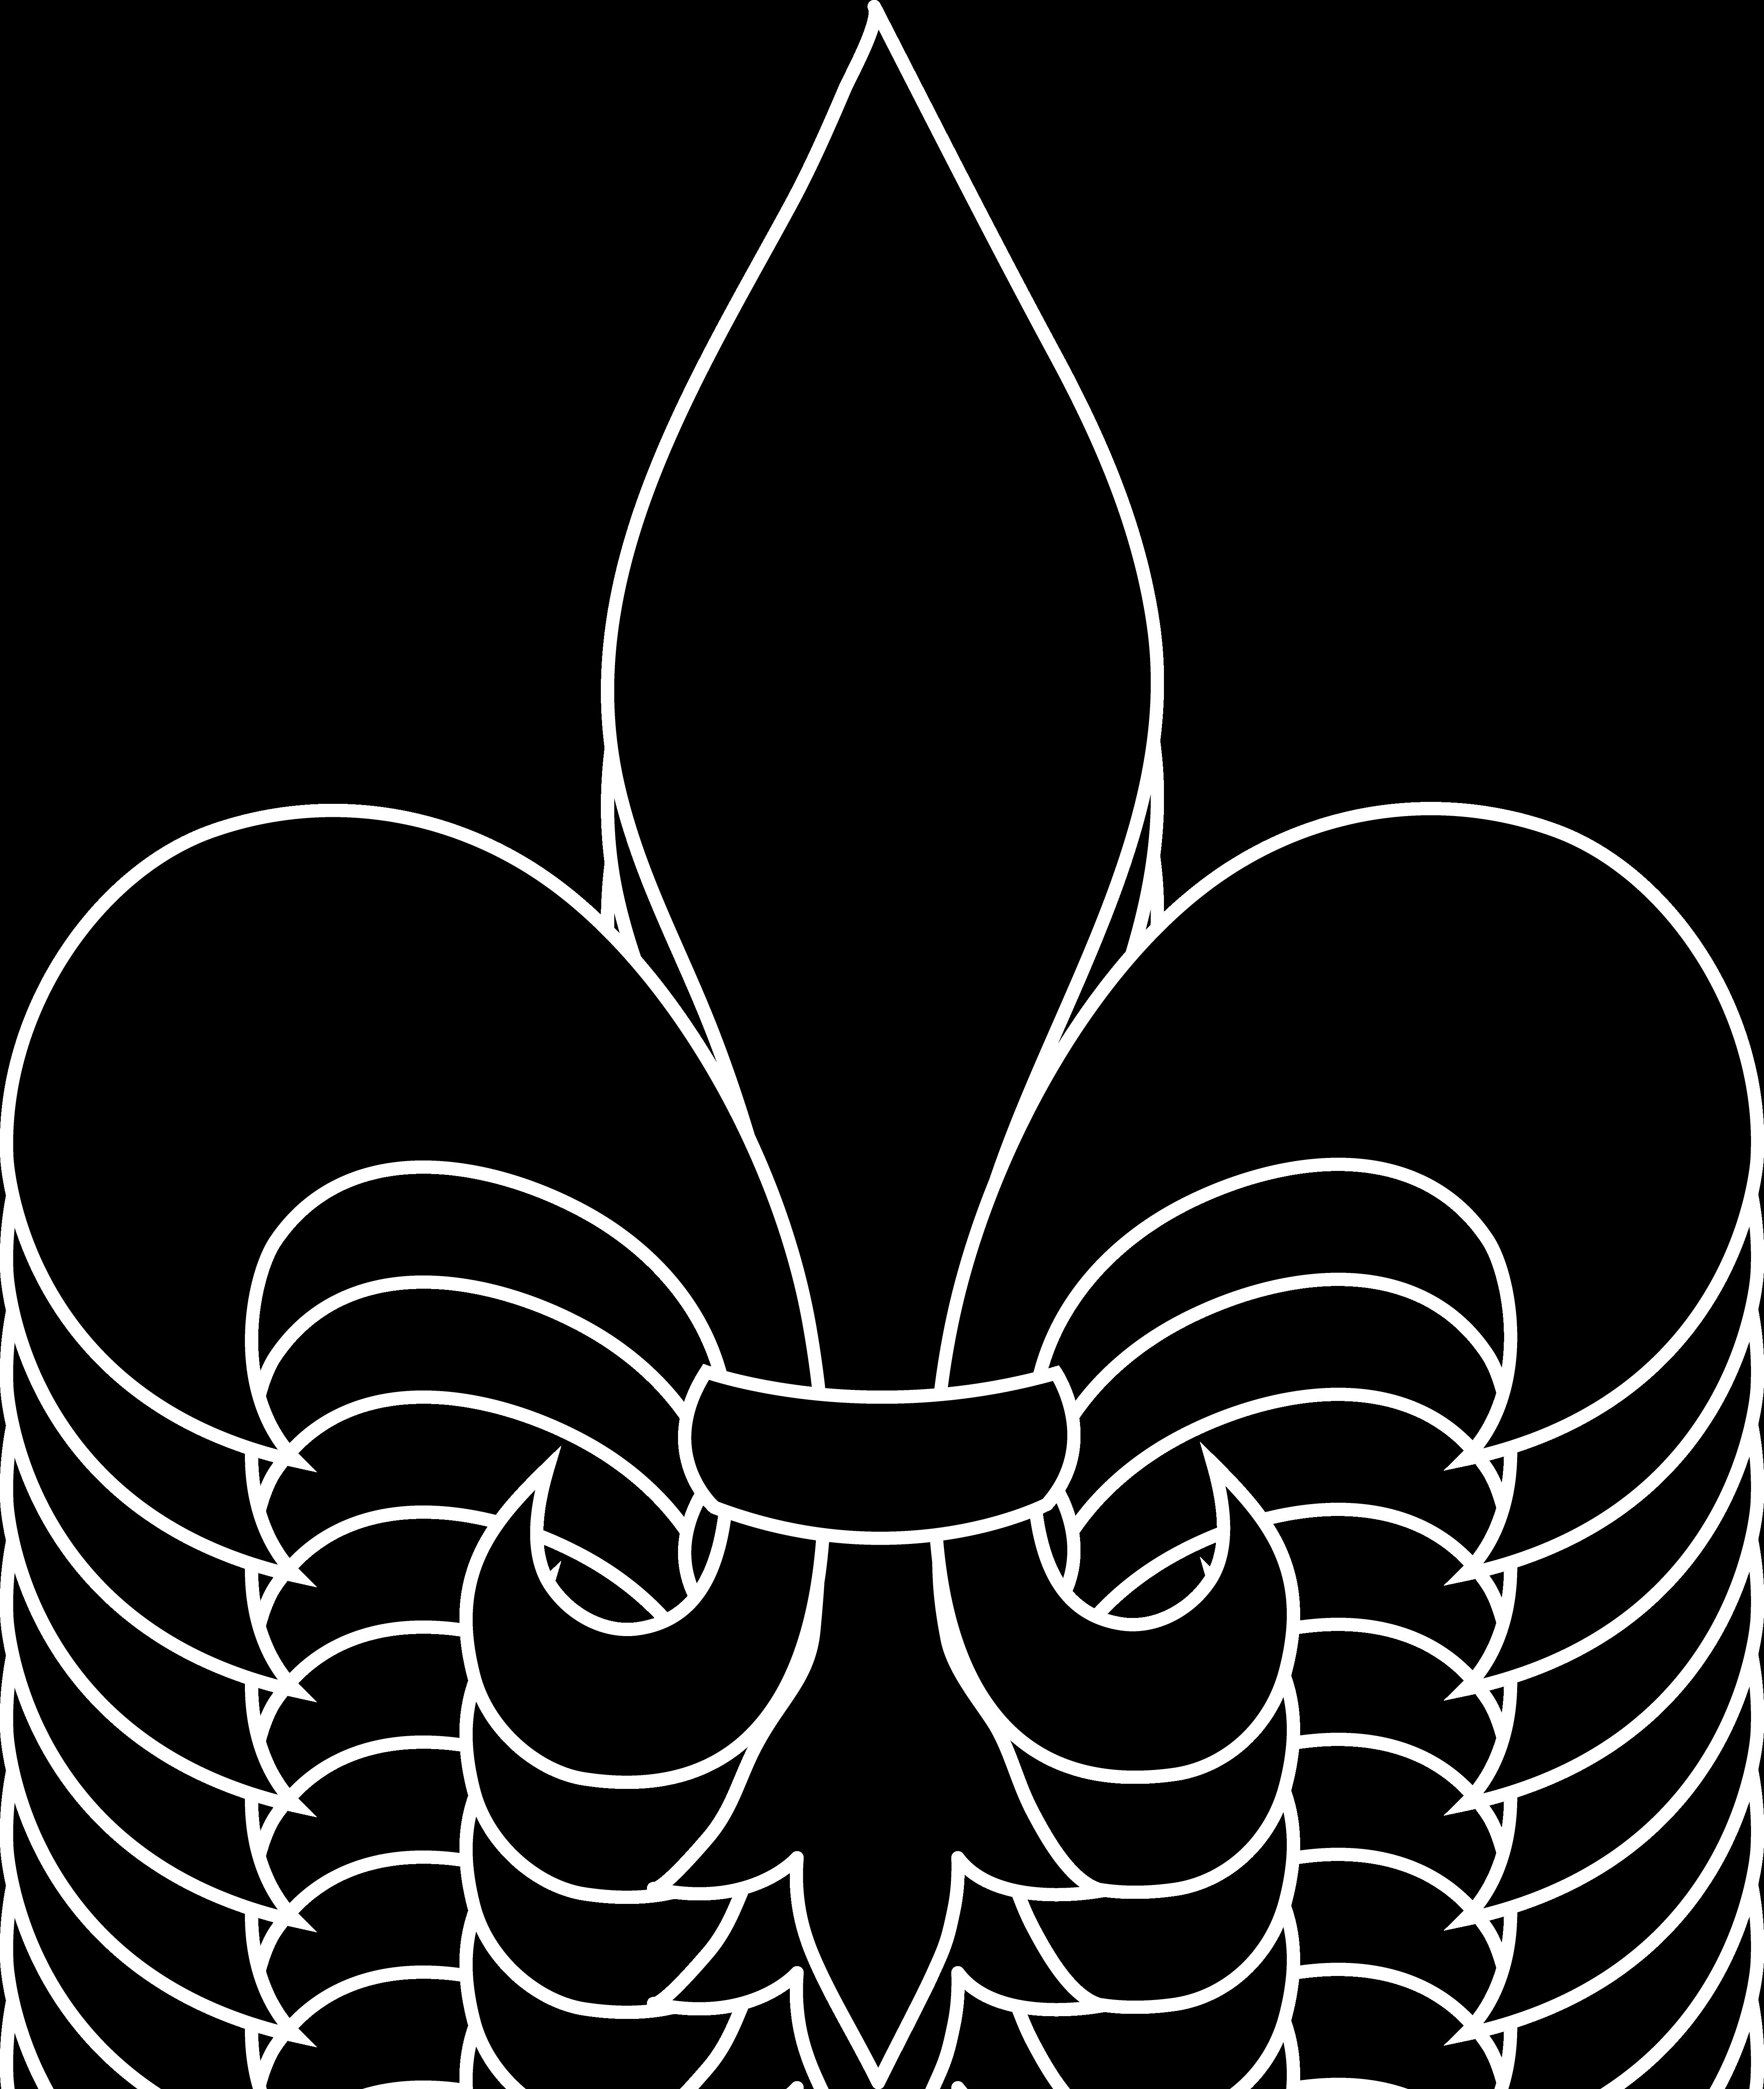 fleur de lis black silhouette clip art sweet clip art rh m sweetclipart com fleur de lis clipart fleur de lis clip art images